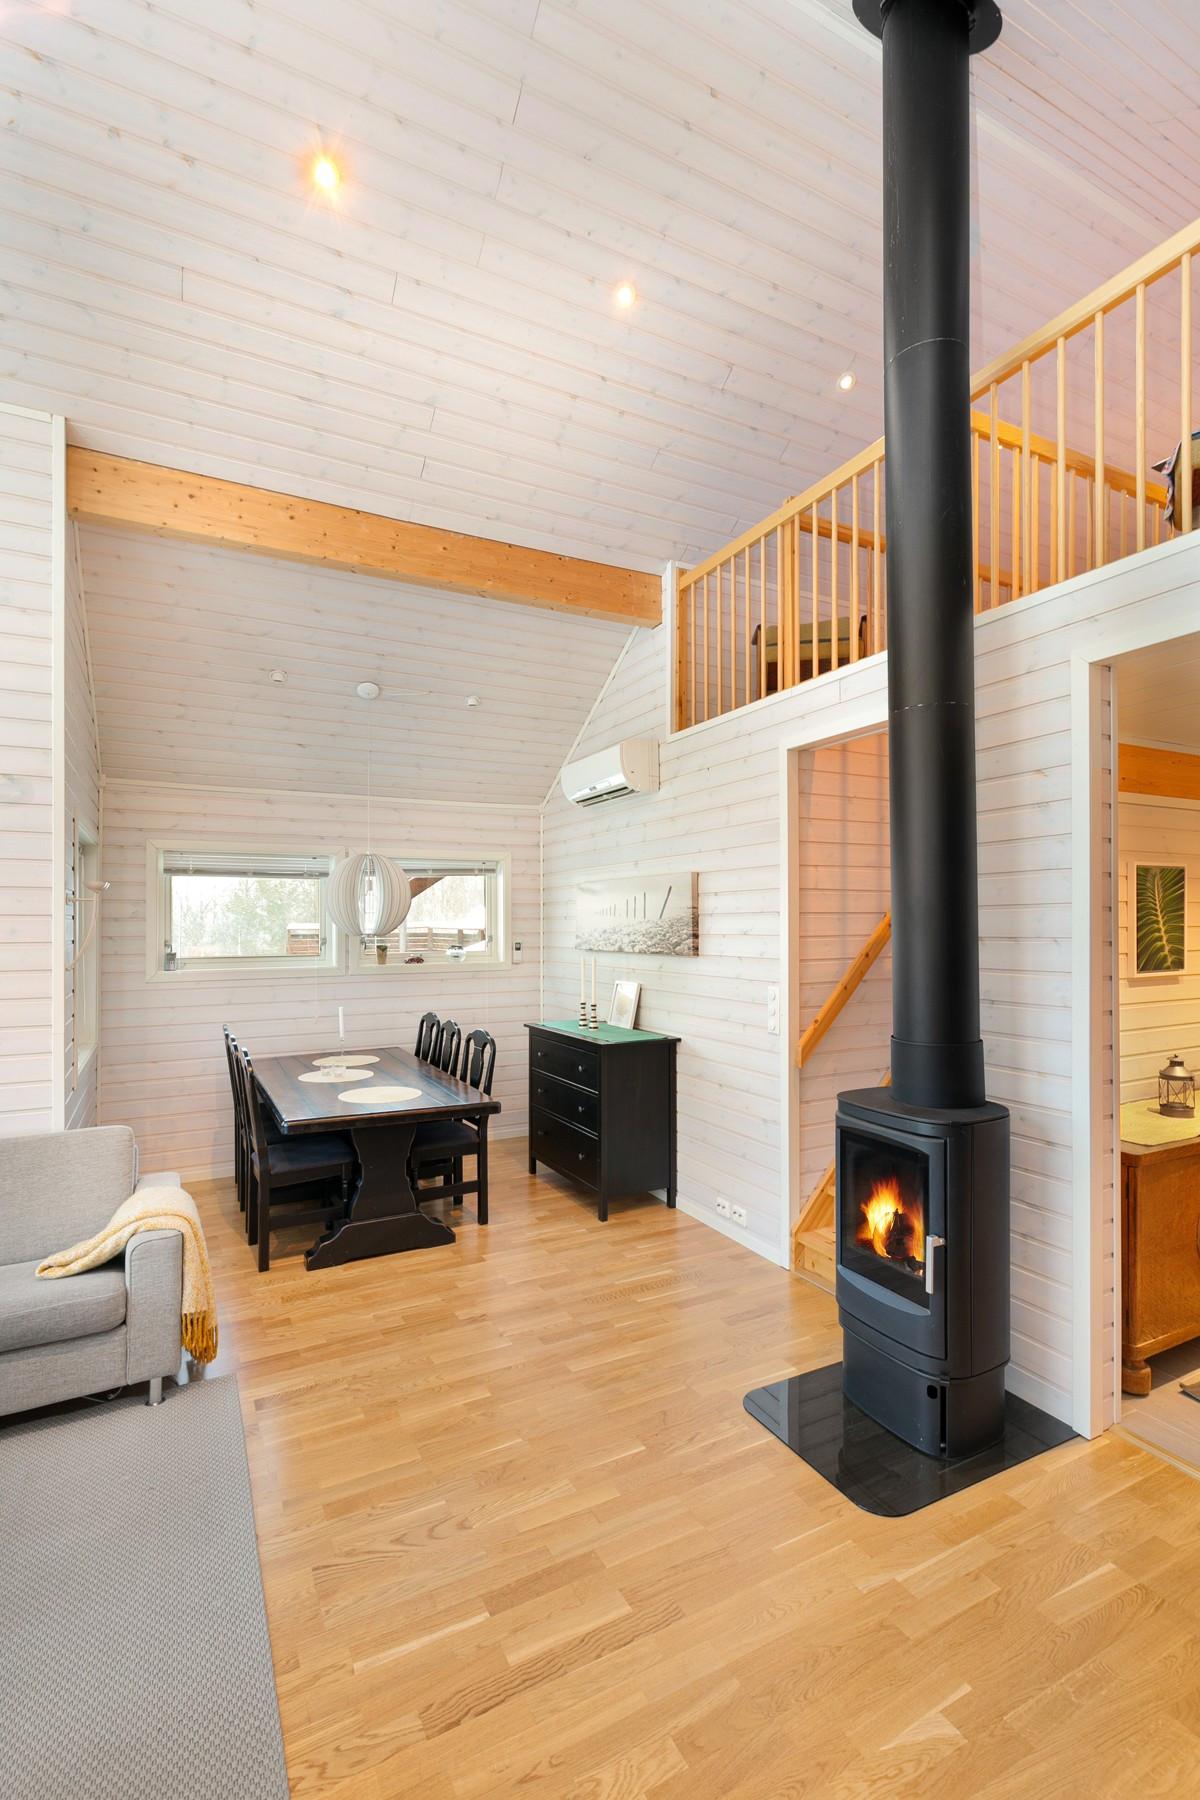 Rommet bindes sammen av sentralt plassert vedfyr som gir god varme og skaper en lun atmosfære